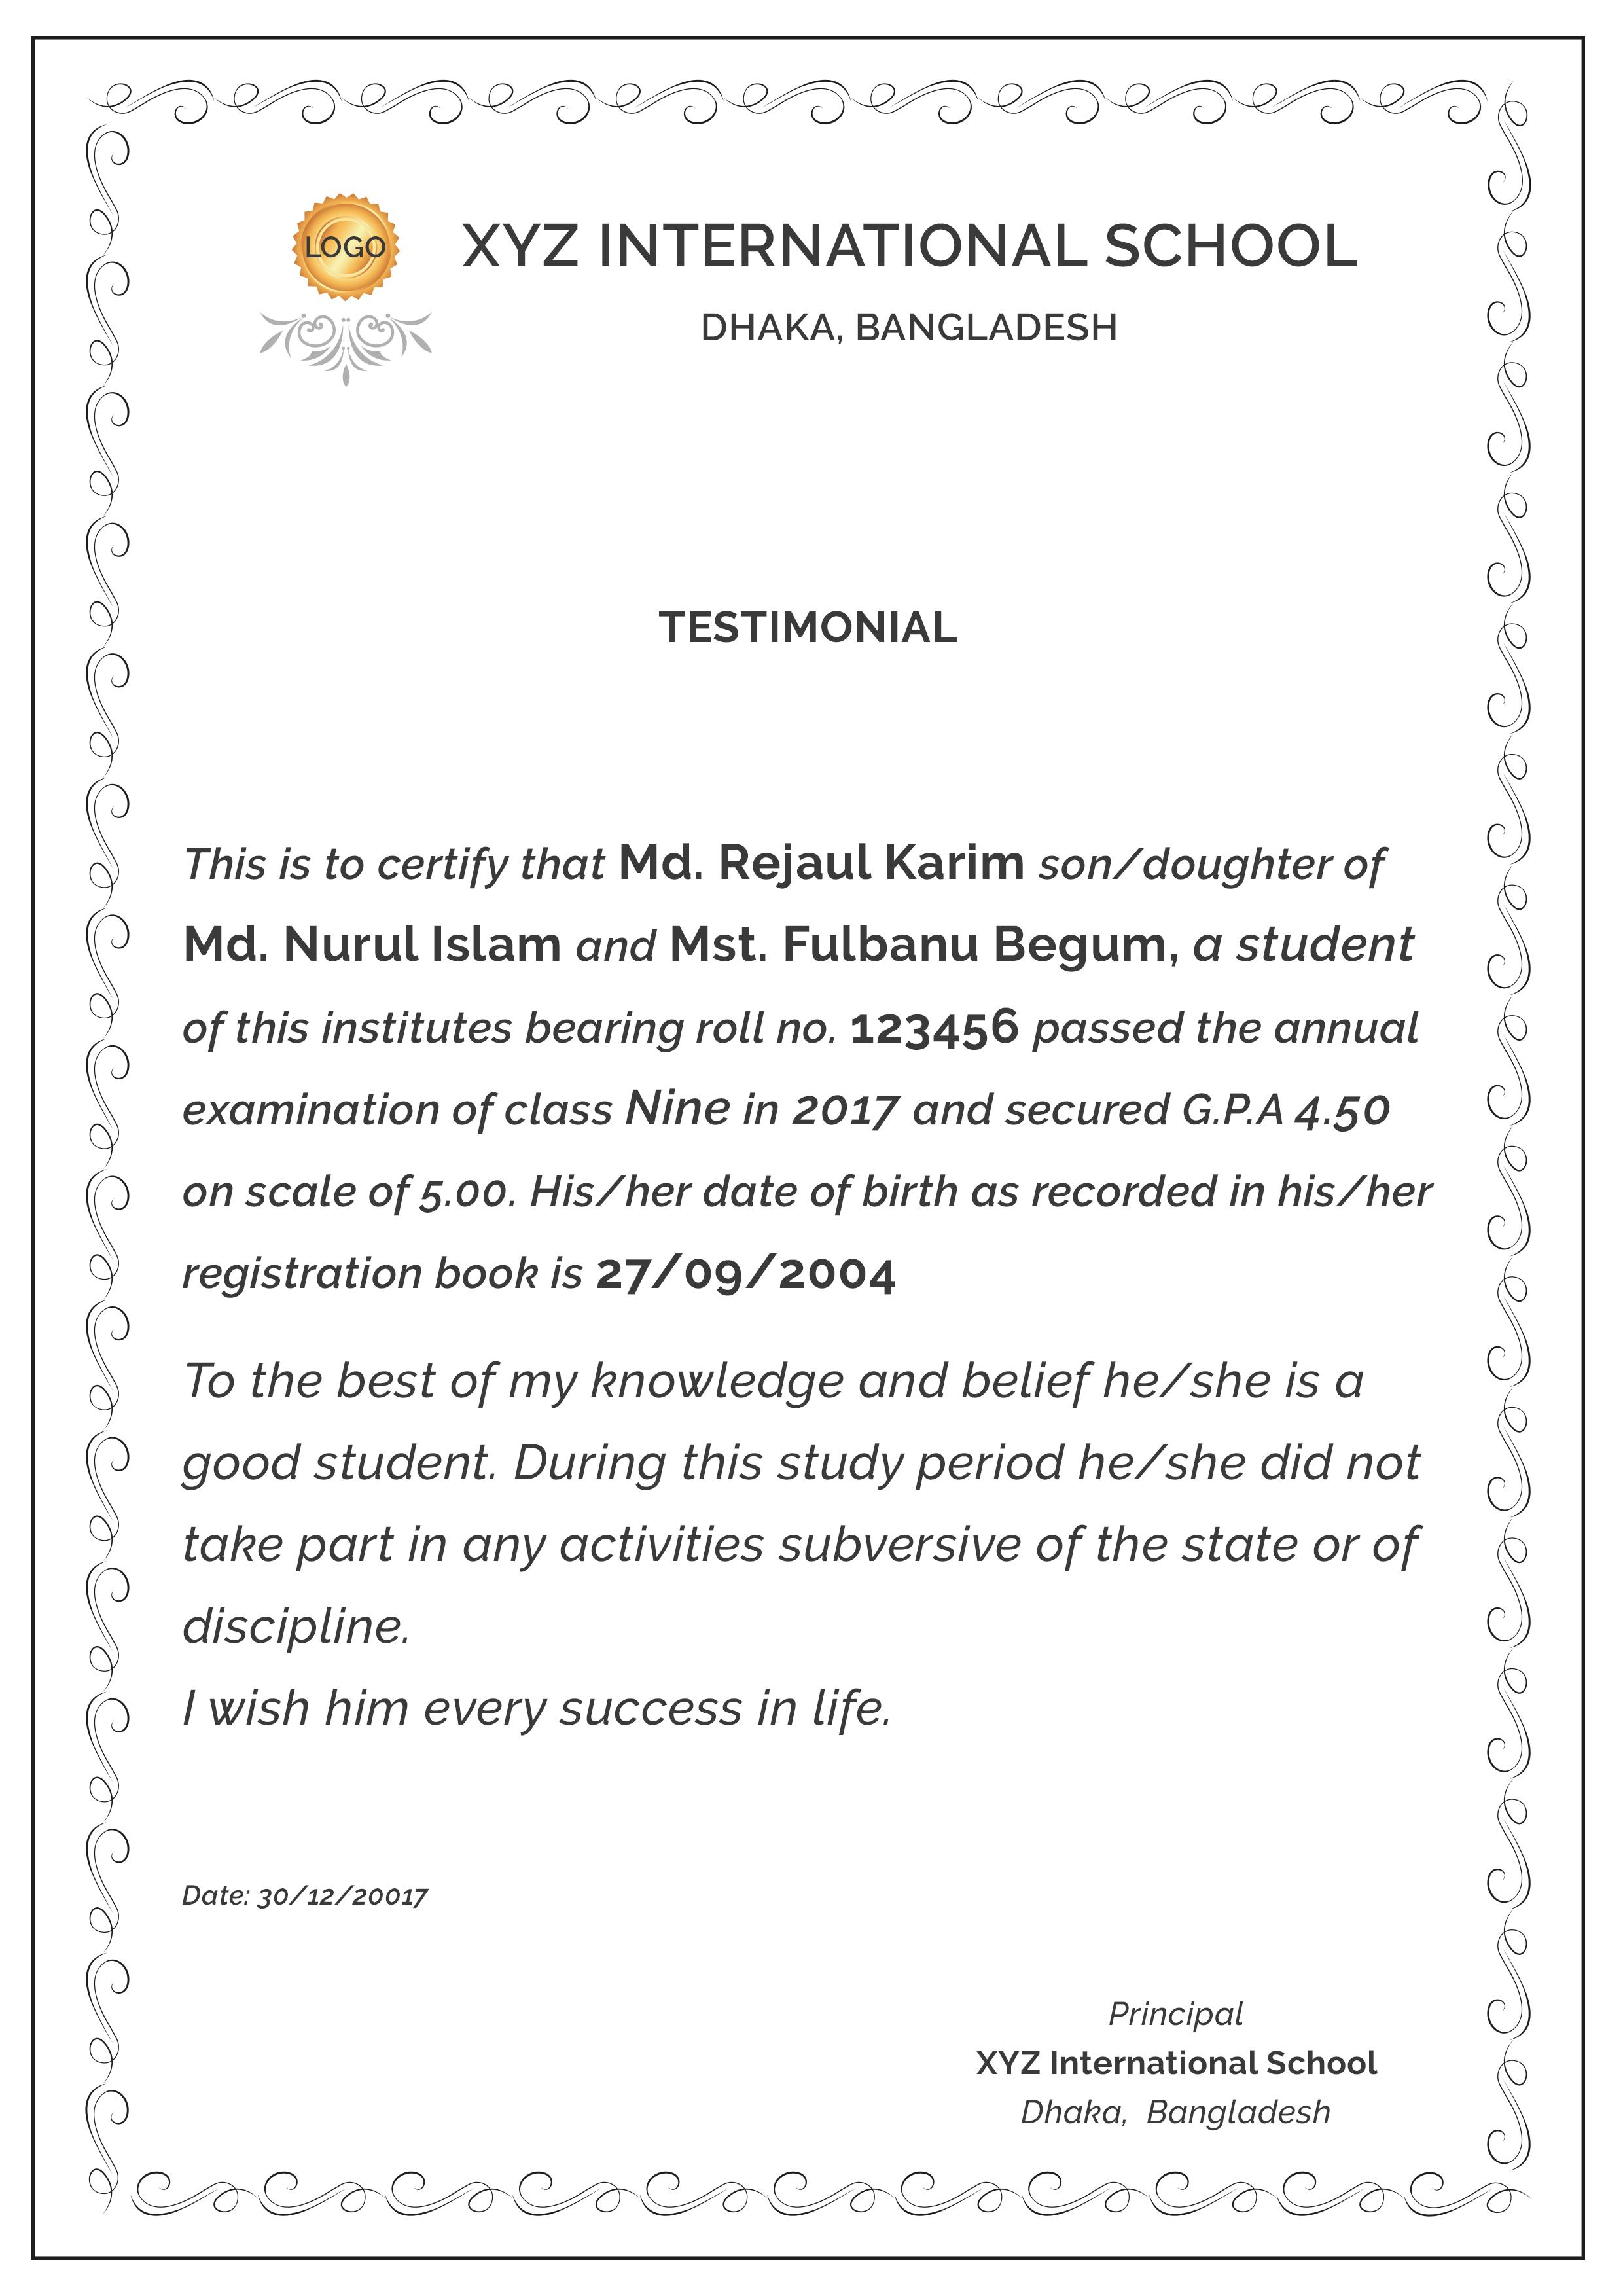 Printable Testimonial